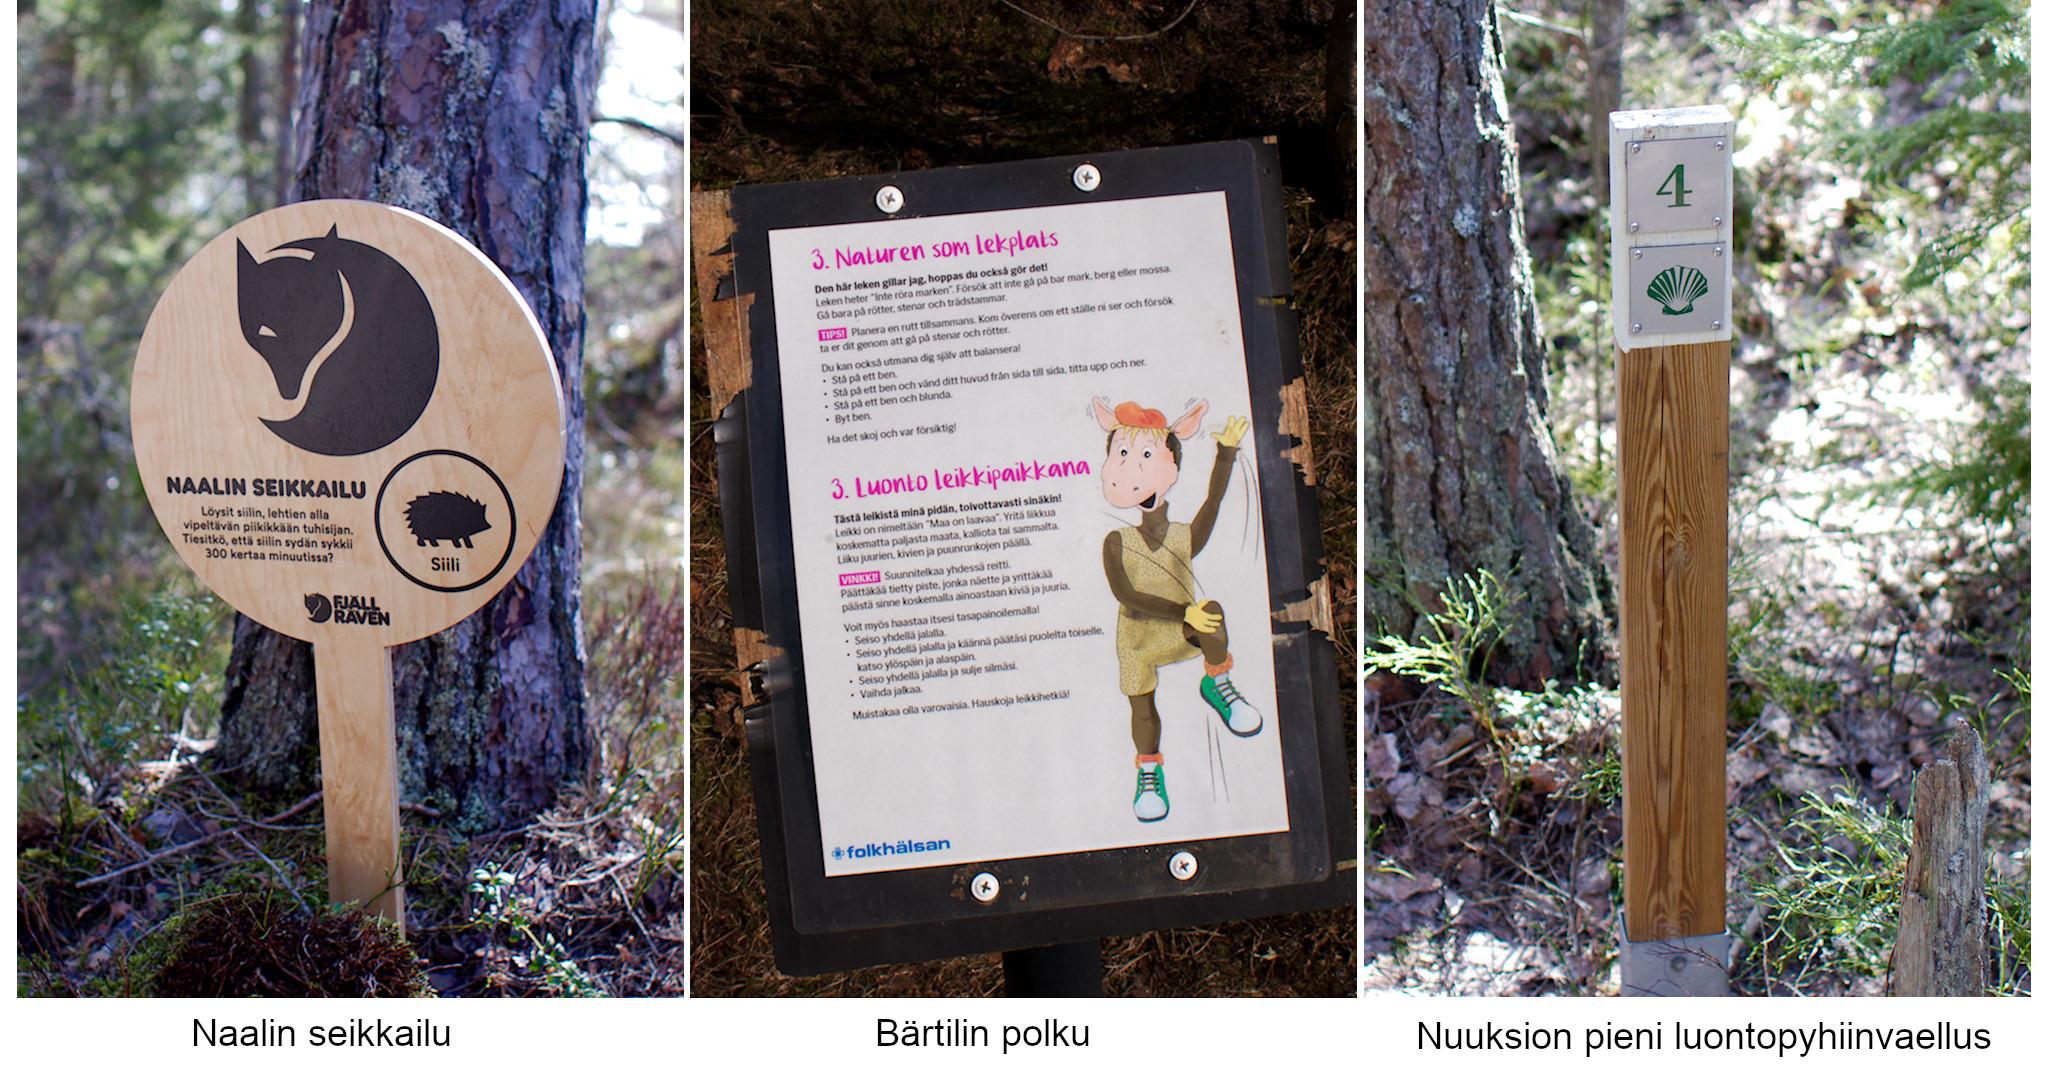 Naalin seikkailu, Bärtilin polku, Nuuksion pieni luontopyhiinvaellus